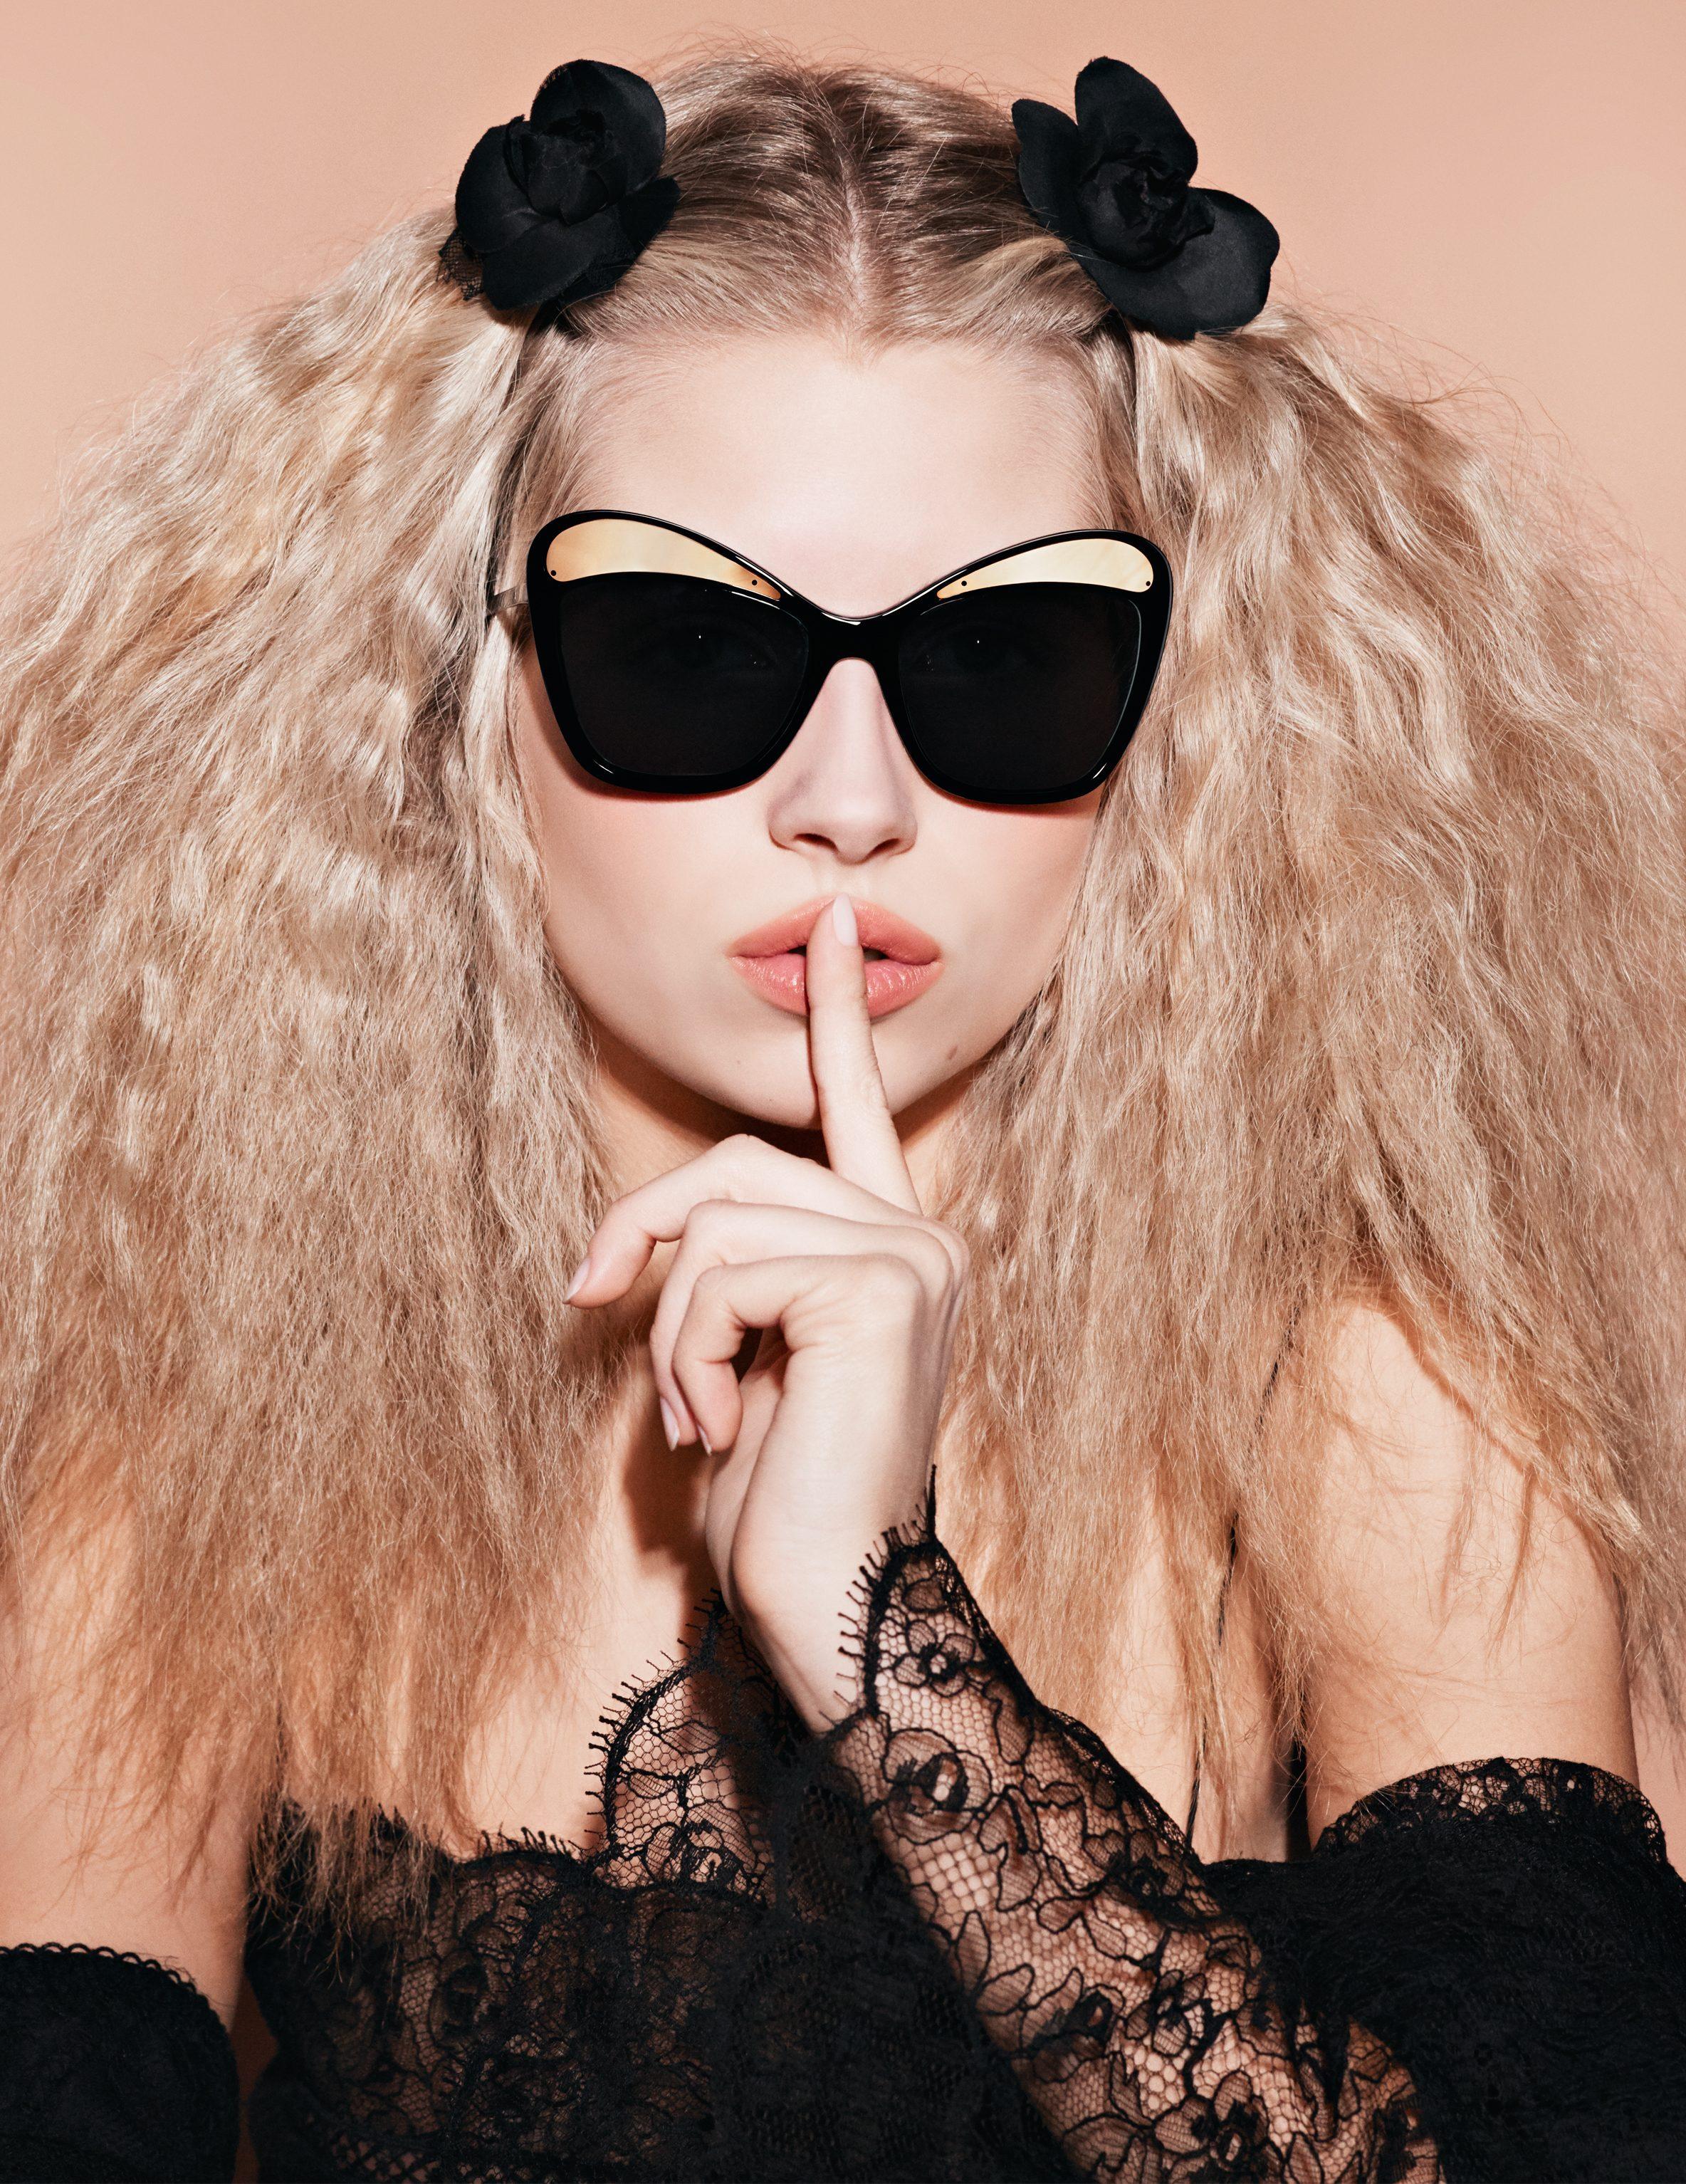 Occhiali da sole per l 39 estate 2017 lorella chinaglia for Pubblicita occhiali da sole